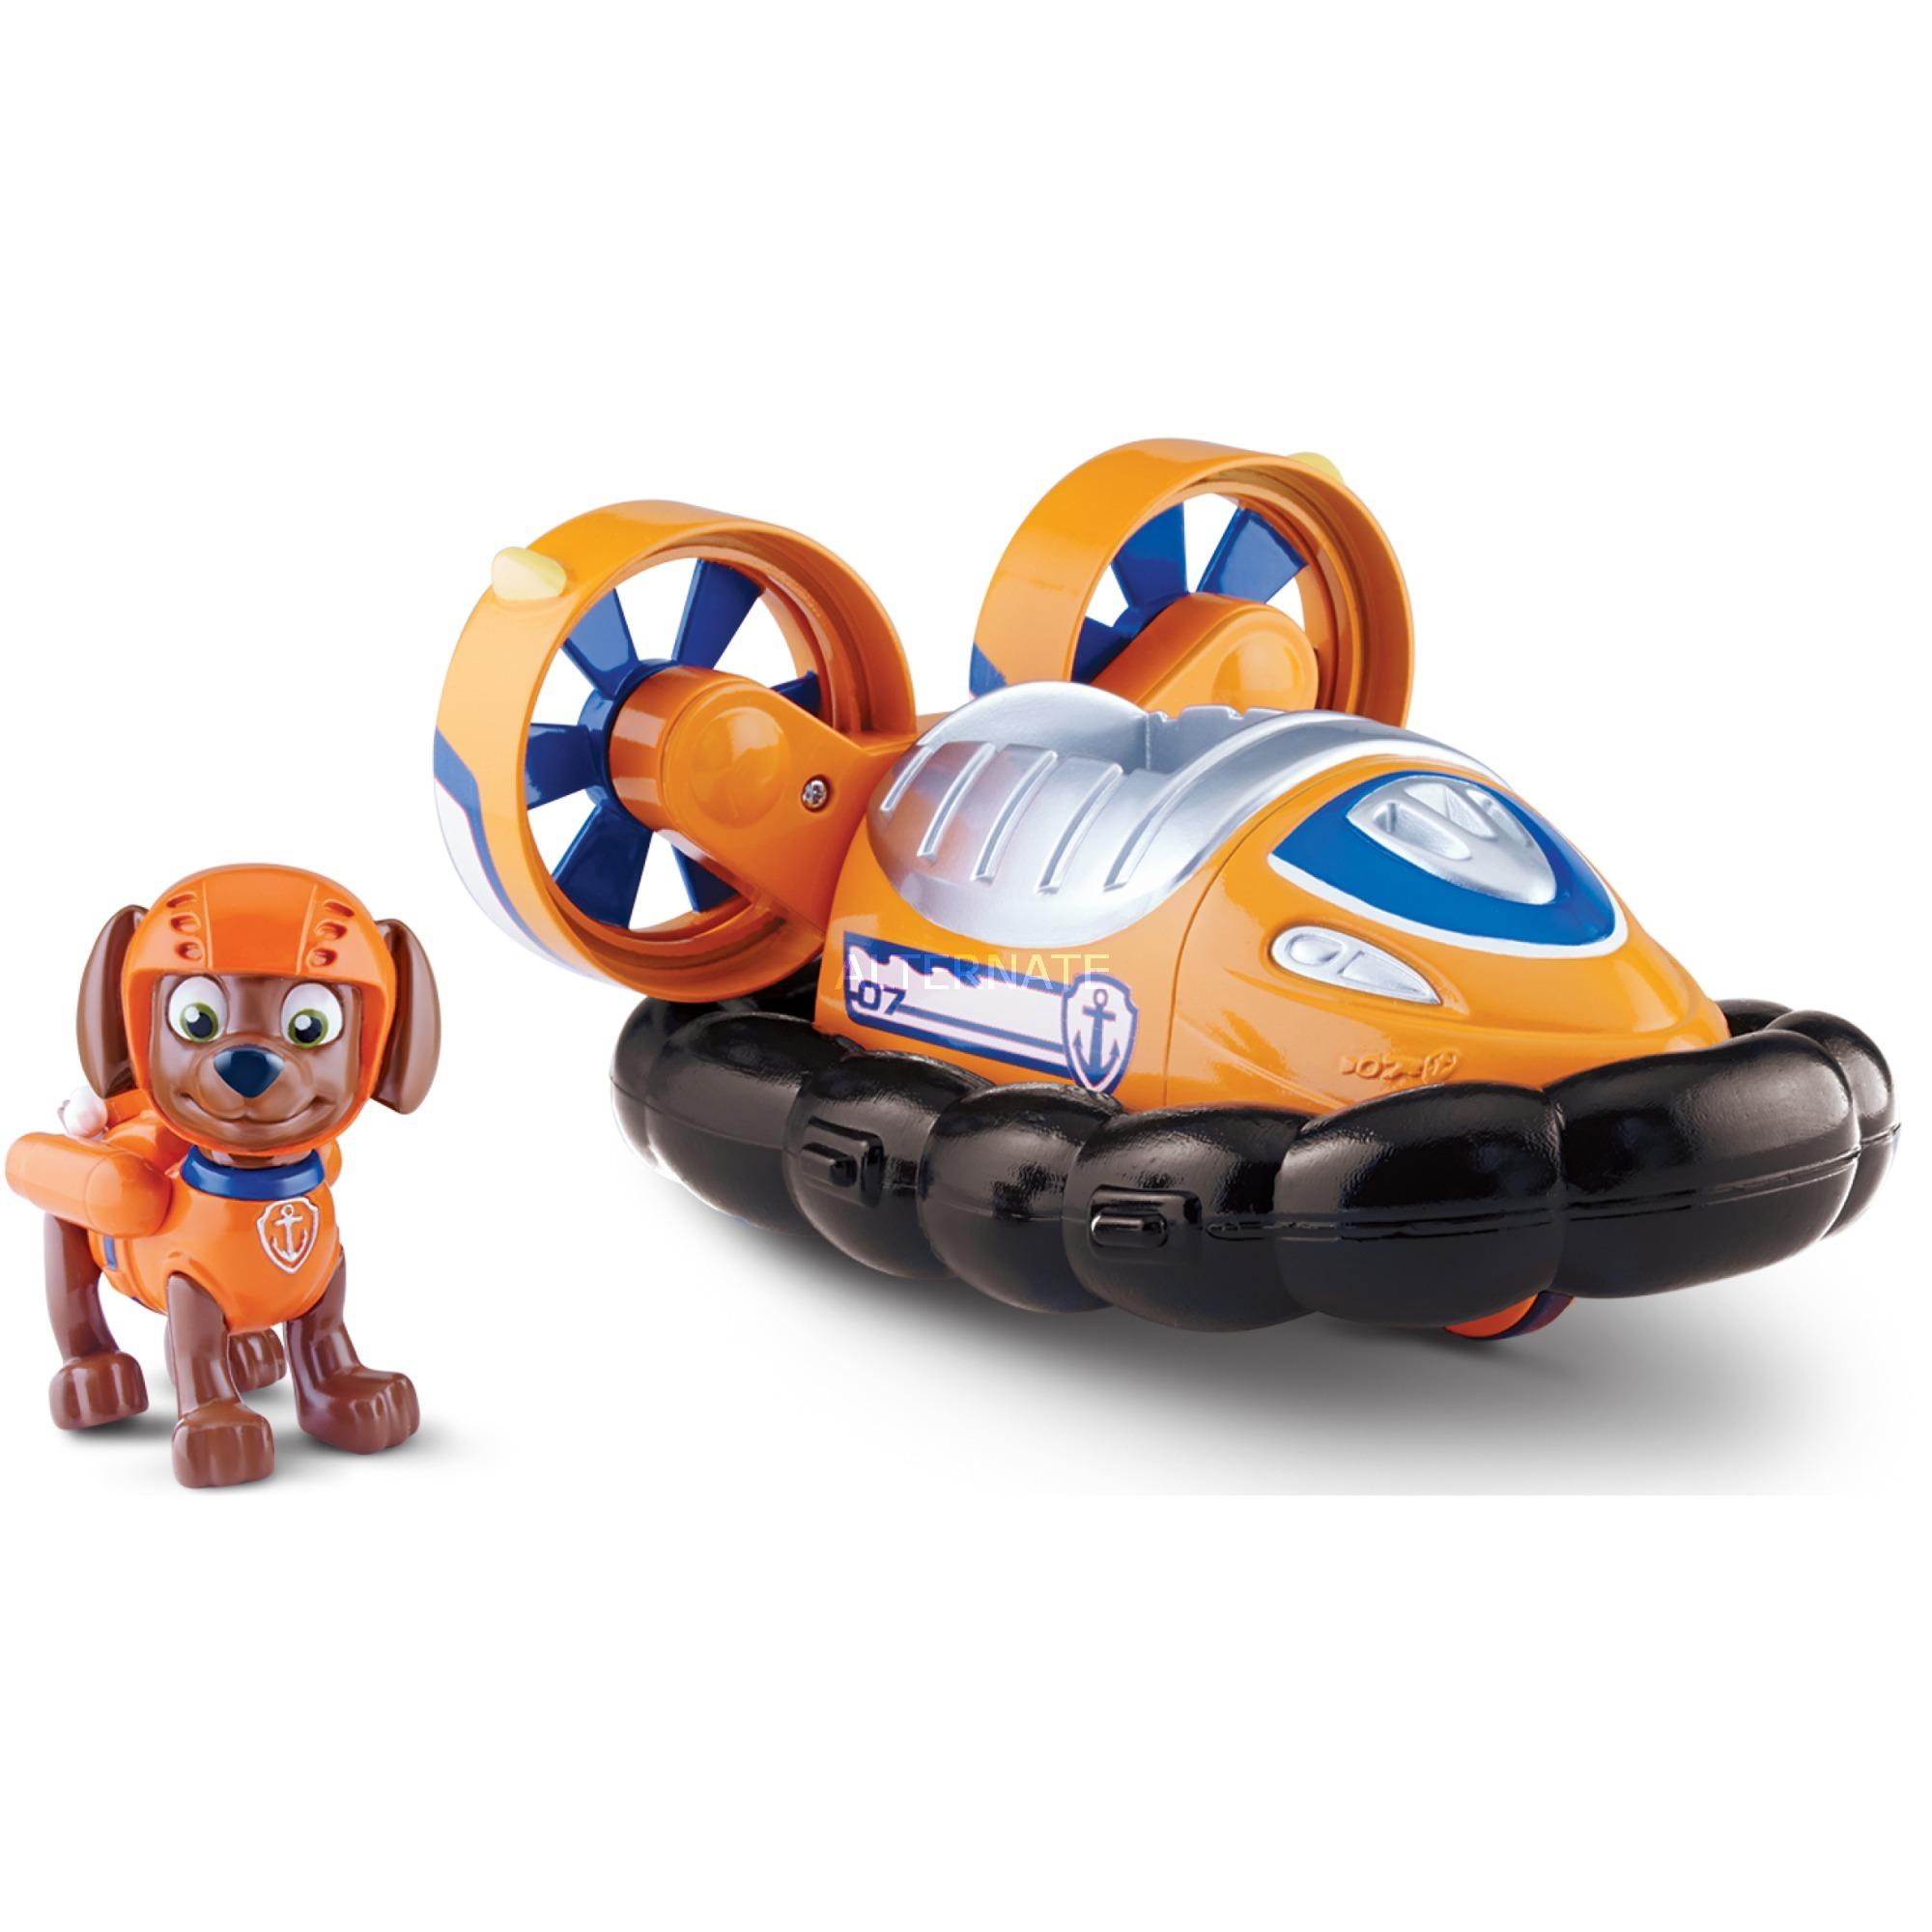 6027637, Vehículo de juguete